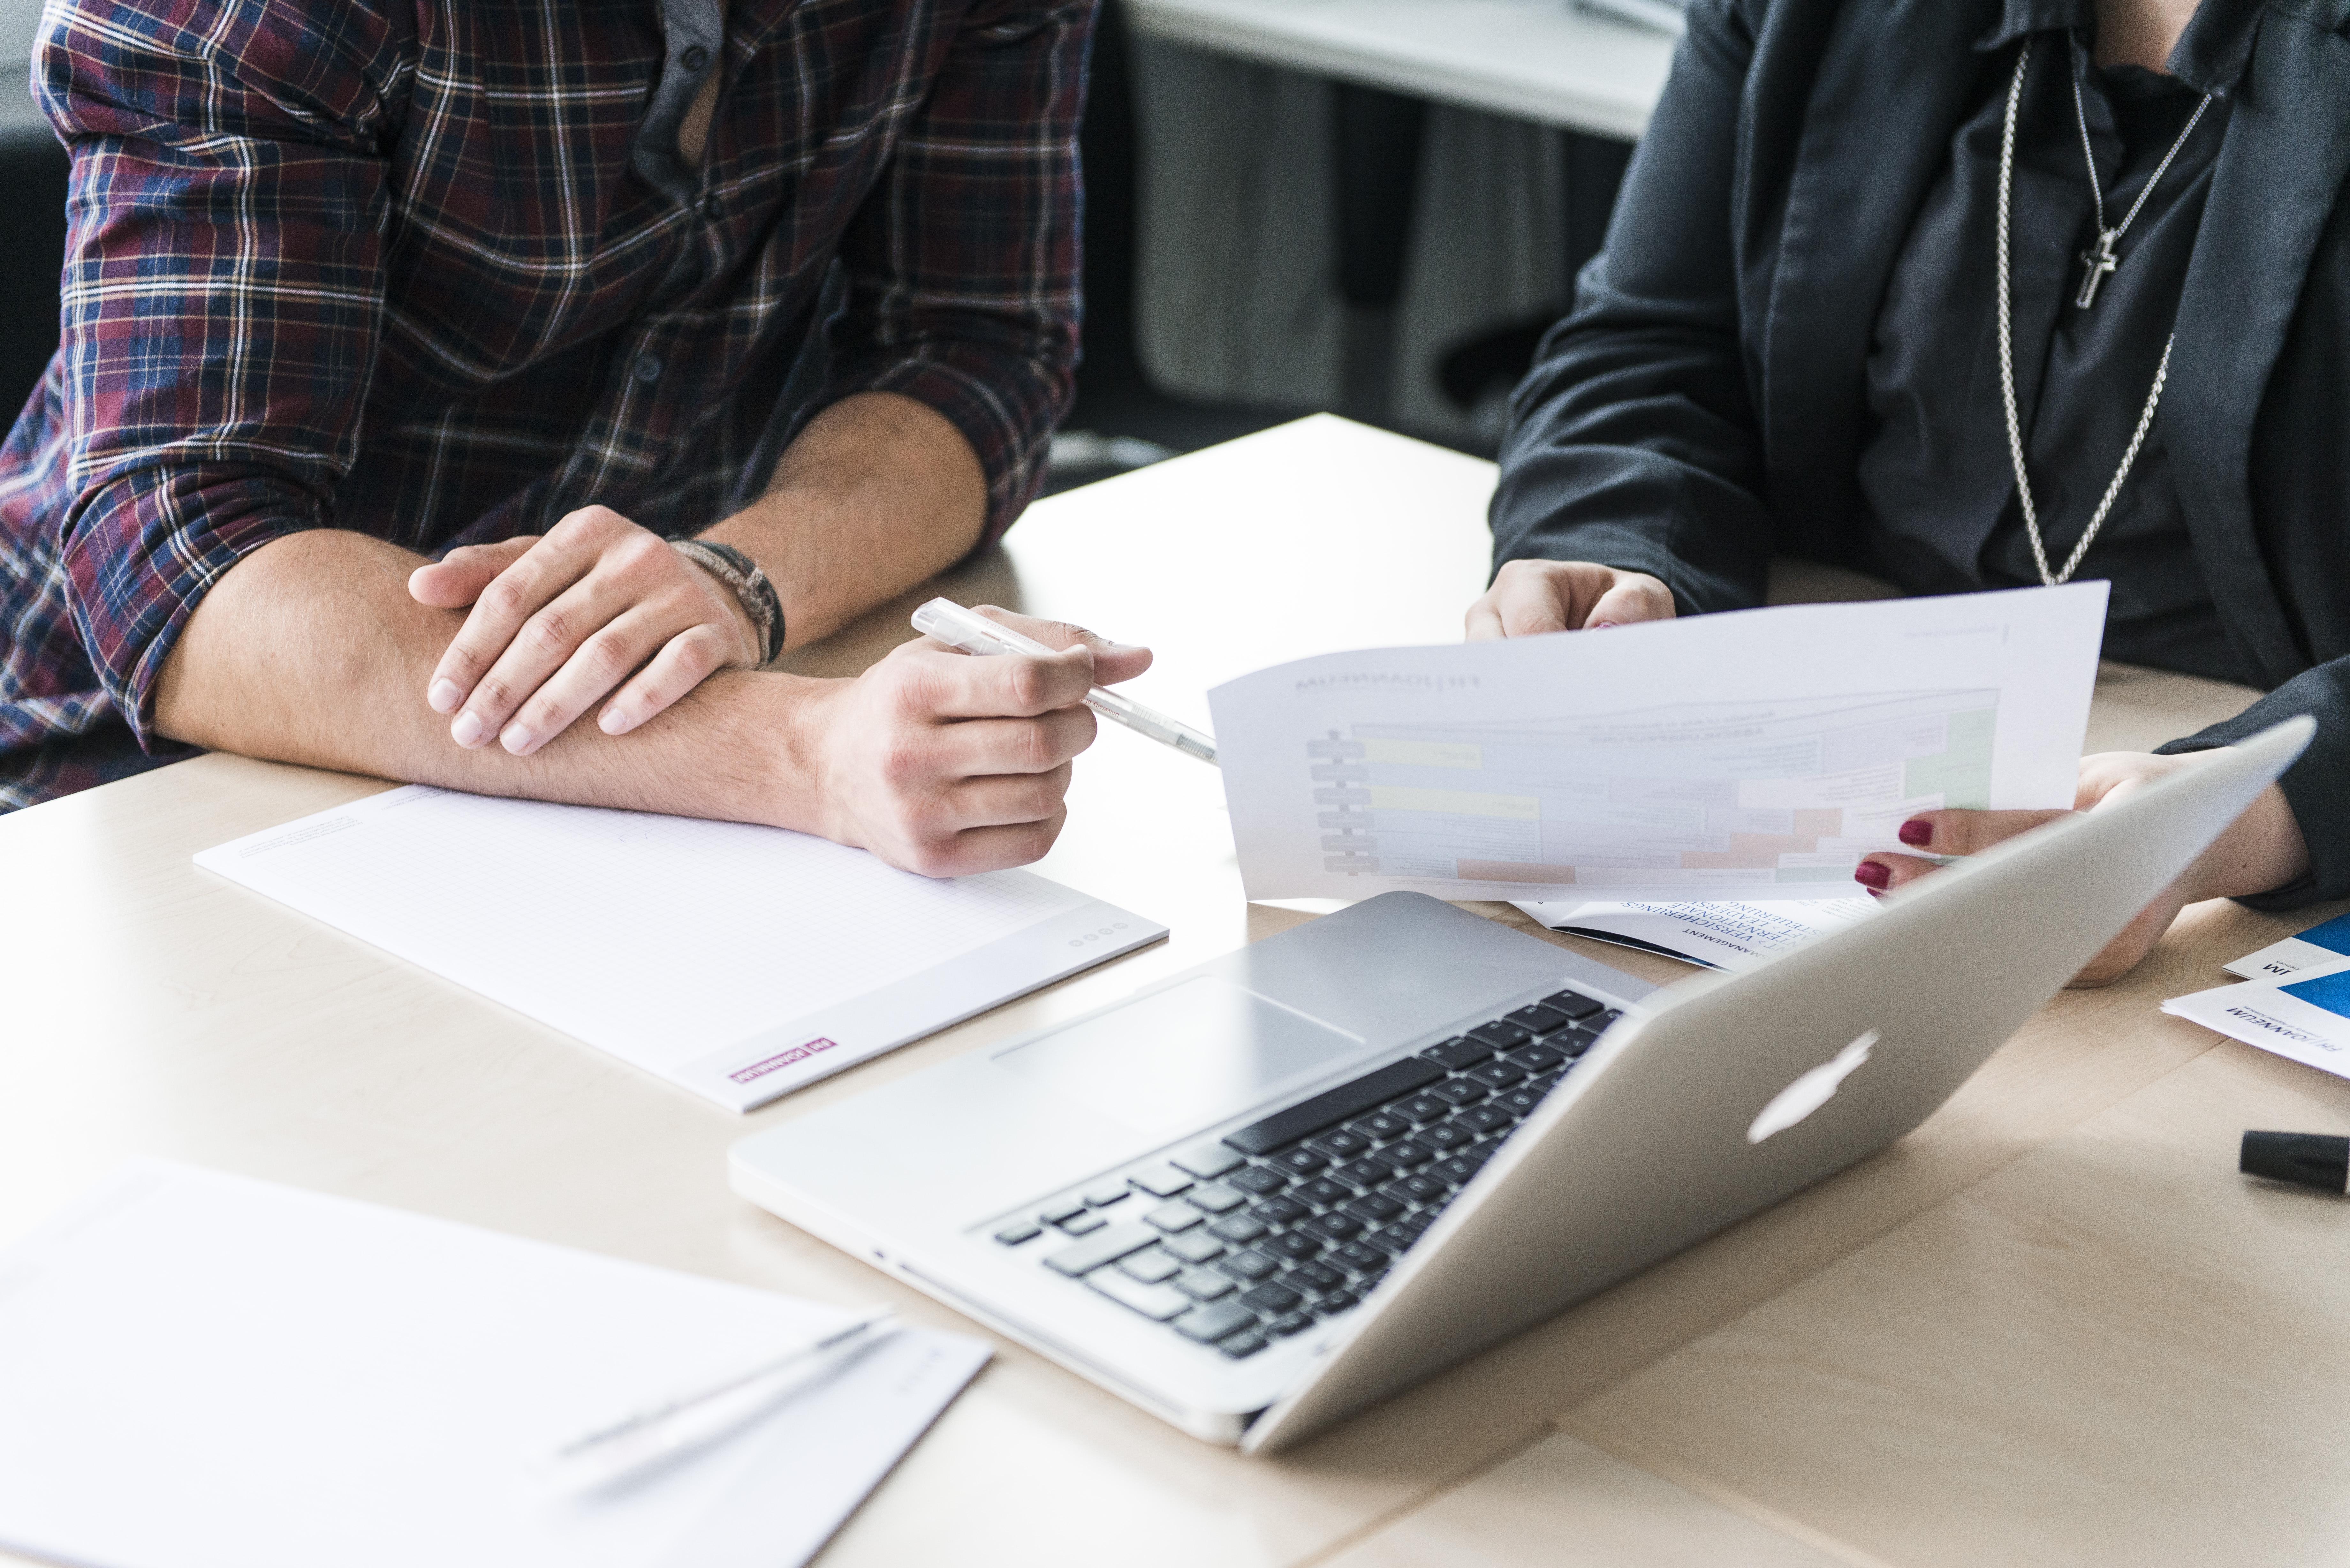 Zwei Studierende sitzen vor einem Laptop.